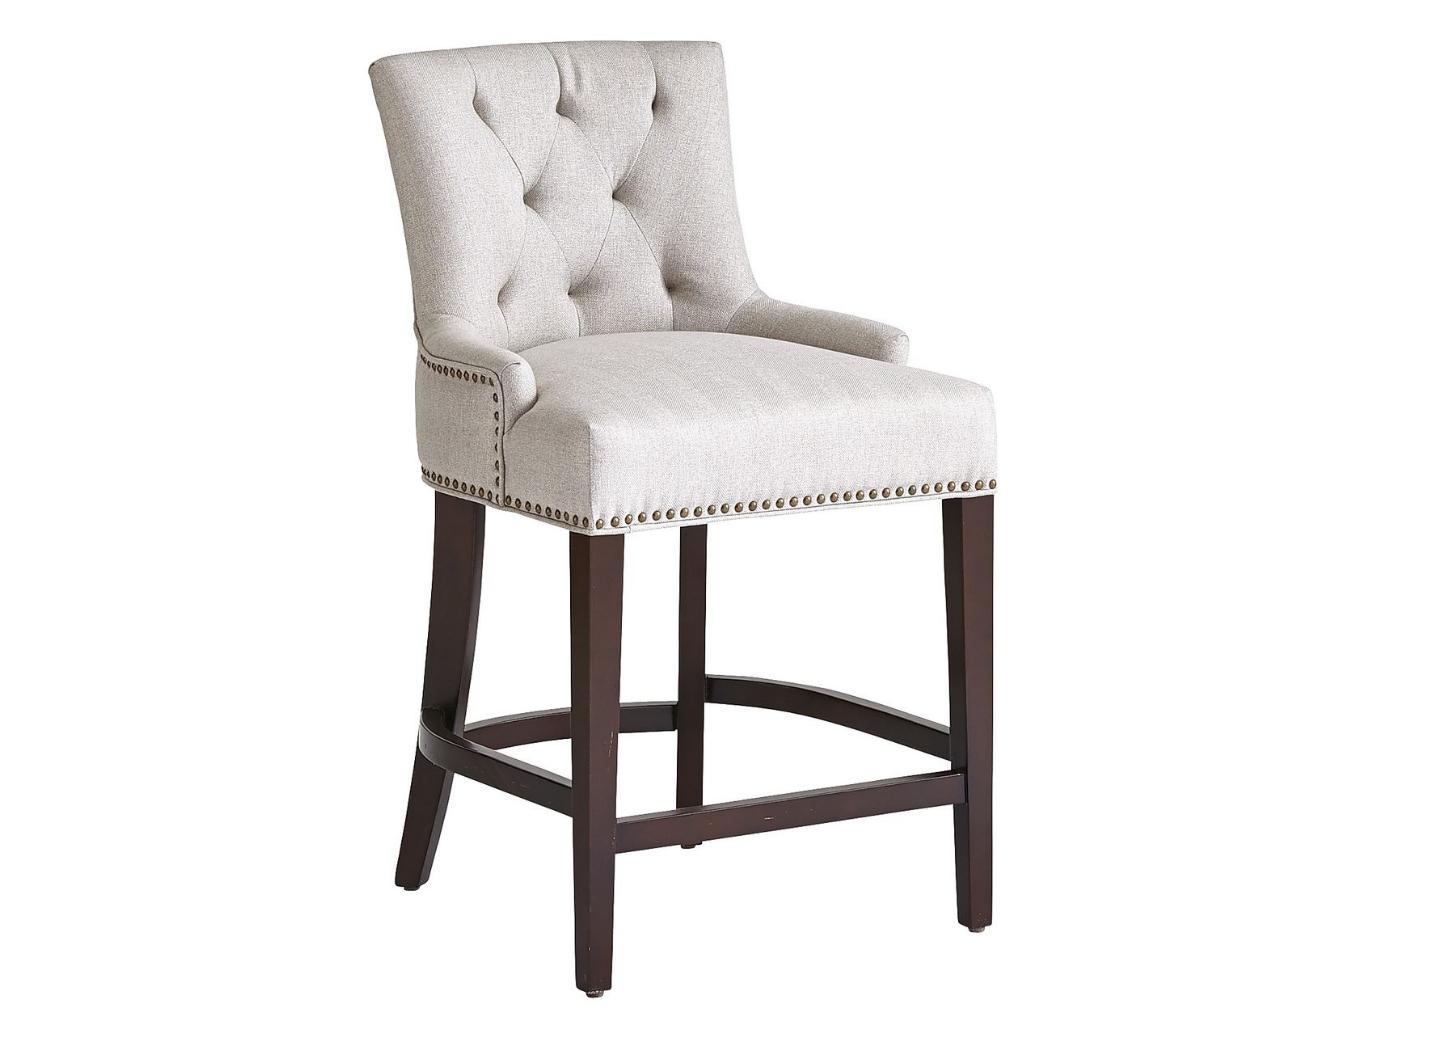 Стул Lerman CounterОбеденные стулья<br>&amp;lt;div&amp;gt;Глубина сидения 46 см&amp;lt;/div&amp;gt;&amp;lt;div&amp;gt;Высота спинки 37 см&amp;amp;nbsp;&amp;lt;/div&amp;gt;&amp;lt;div&amp;gt;Высота сидения 66 см&amp;amp;nbsp;&amp;lt;/div&amp;gt;&amp;lt;div&amp;gt;Высота стула 103 см&amp;amp;nbsp;&amp;lt;/div&amp;gt;&amp;lt;div&amp;gt;&amp;lt;br&amp;gt;&amp;lt;/div&amp;gt;&amp;lt;div&amp;gt;Ножки выполнены из бука.&amp;lt;/div&amp;gt;&amp;lt;div&amp;gt;Материал: текстиль.&amp;lt;/div&amp;gt;&amp;lt;div&amp;gt;&amp;lt;br&amp;gt;&amp;lt;/div&amp;gt;&amp;lt;div&amp;gt;Доп опция&amp;lt;/div&amp;gt;&amp;lt;div&amp;gt;Возможна высота сиденья &amp;amp;nbsp;79 см. при высоте стула 116 см.&amp;lt;/div&amp;gt;<br><br>Material: Бук<br>Ширина см: 54<br>Высота см: 103.0<br>Глубина см: 54